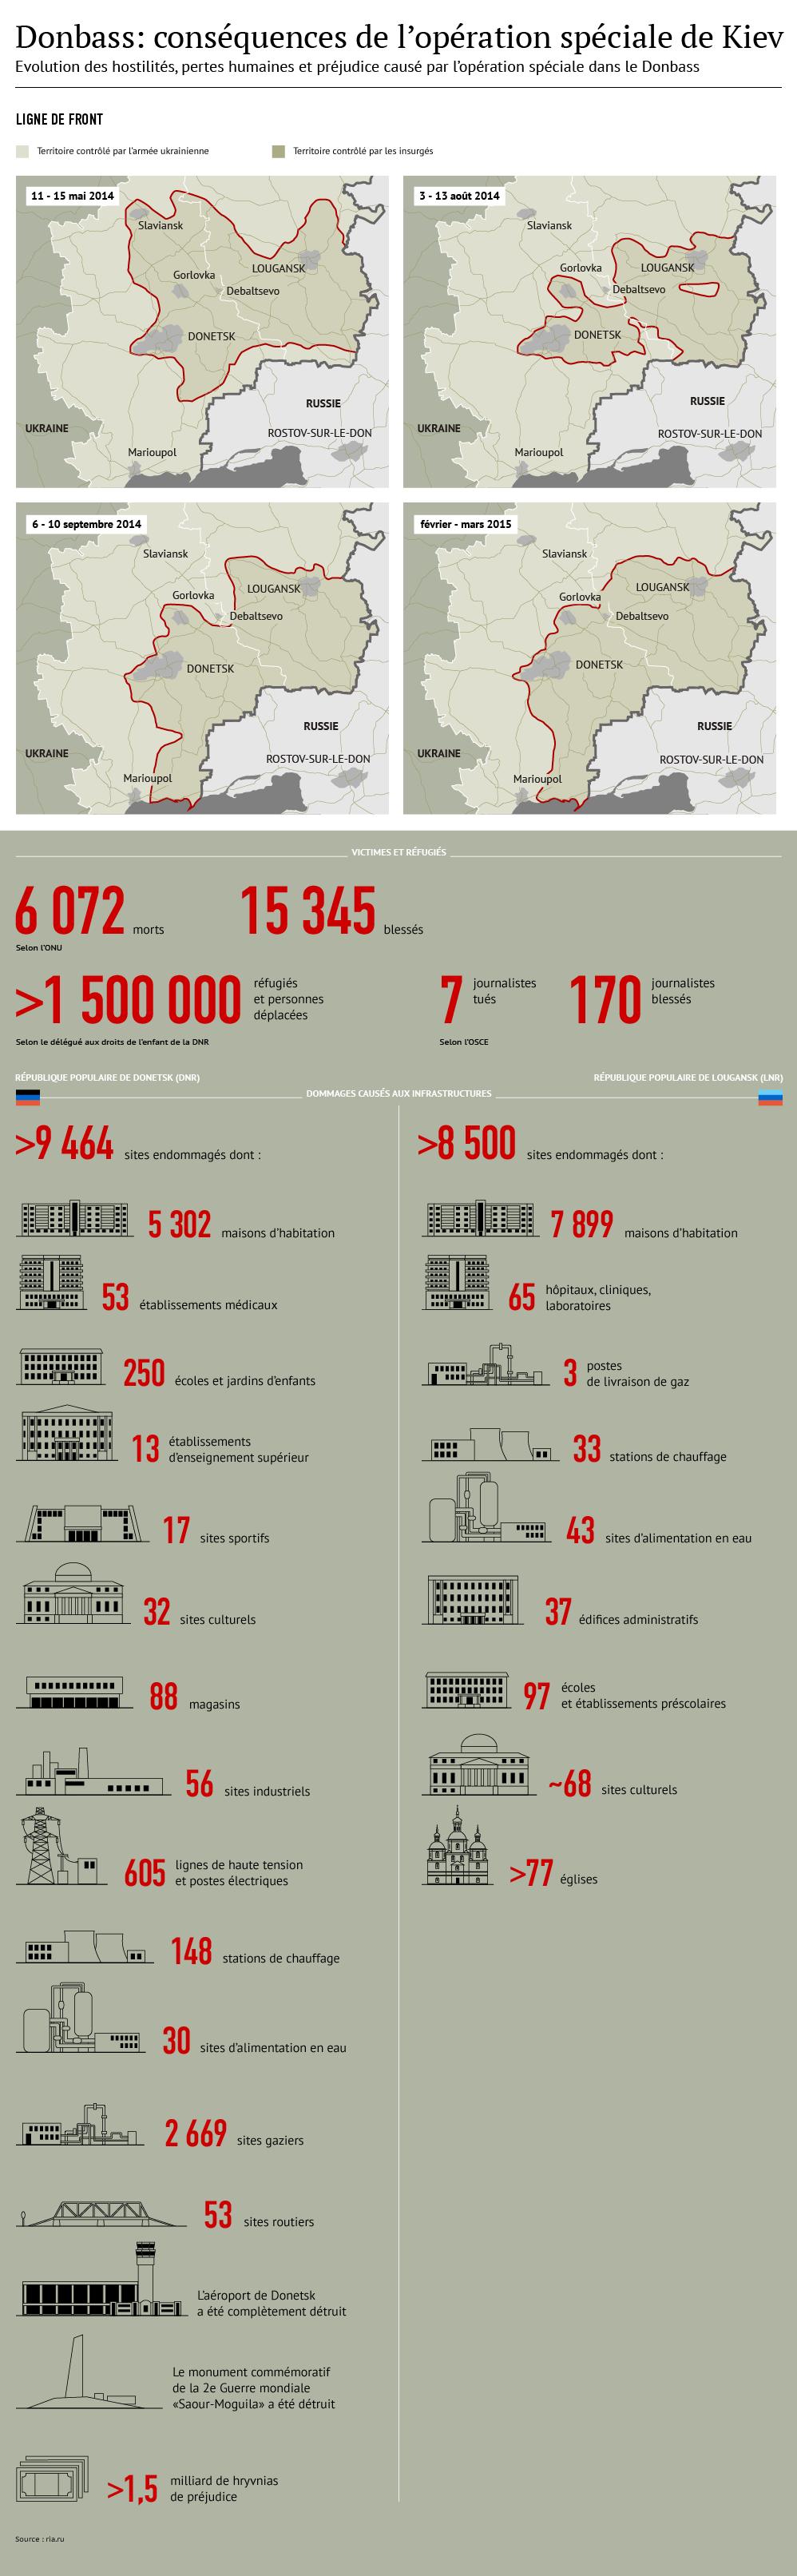 Donbass: conséquences de l'opération spéciale de Kiev - Sputnik France